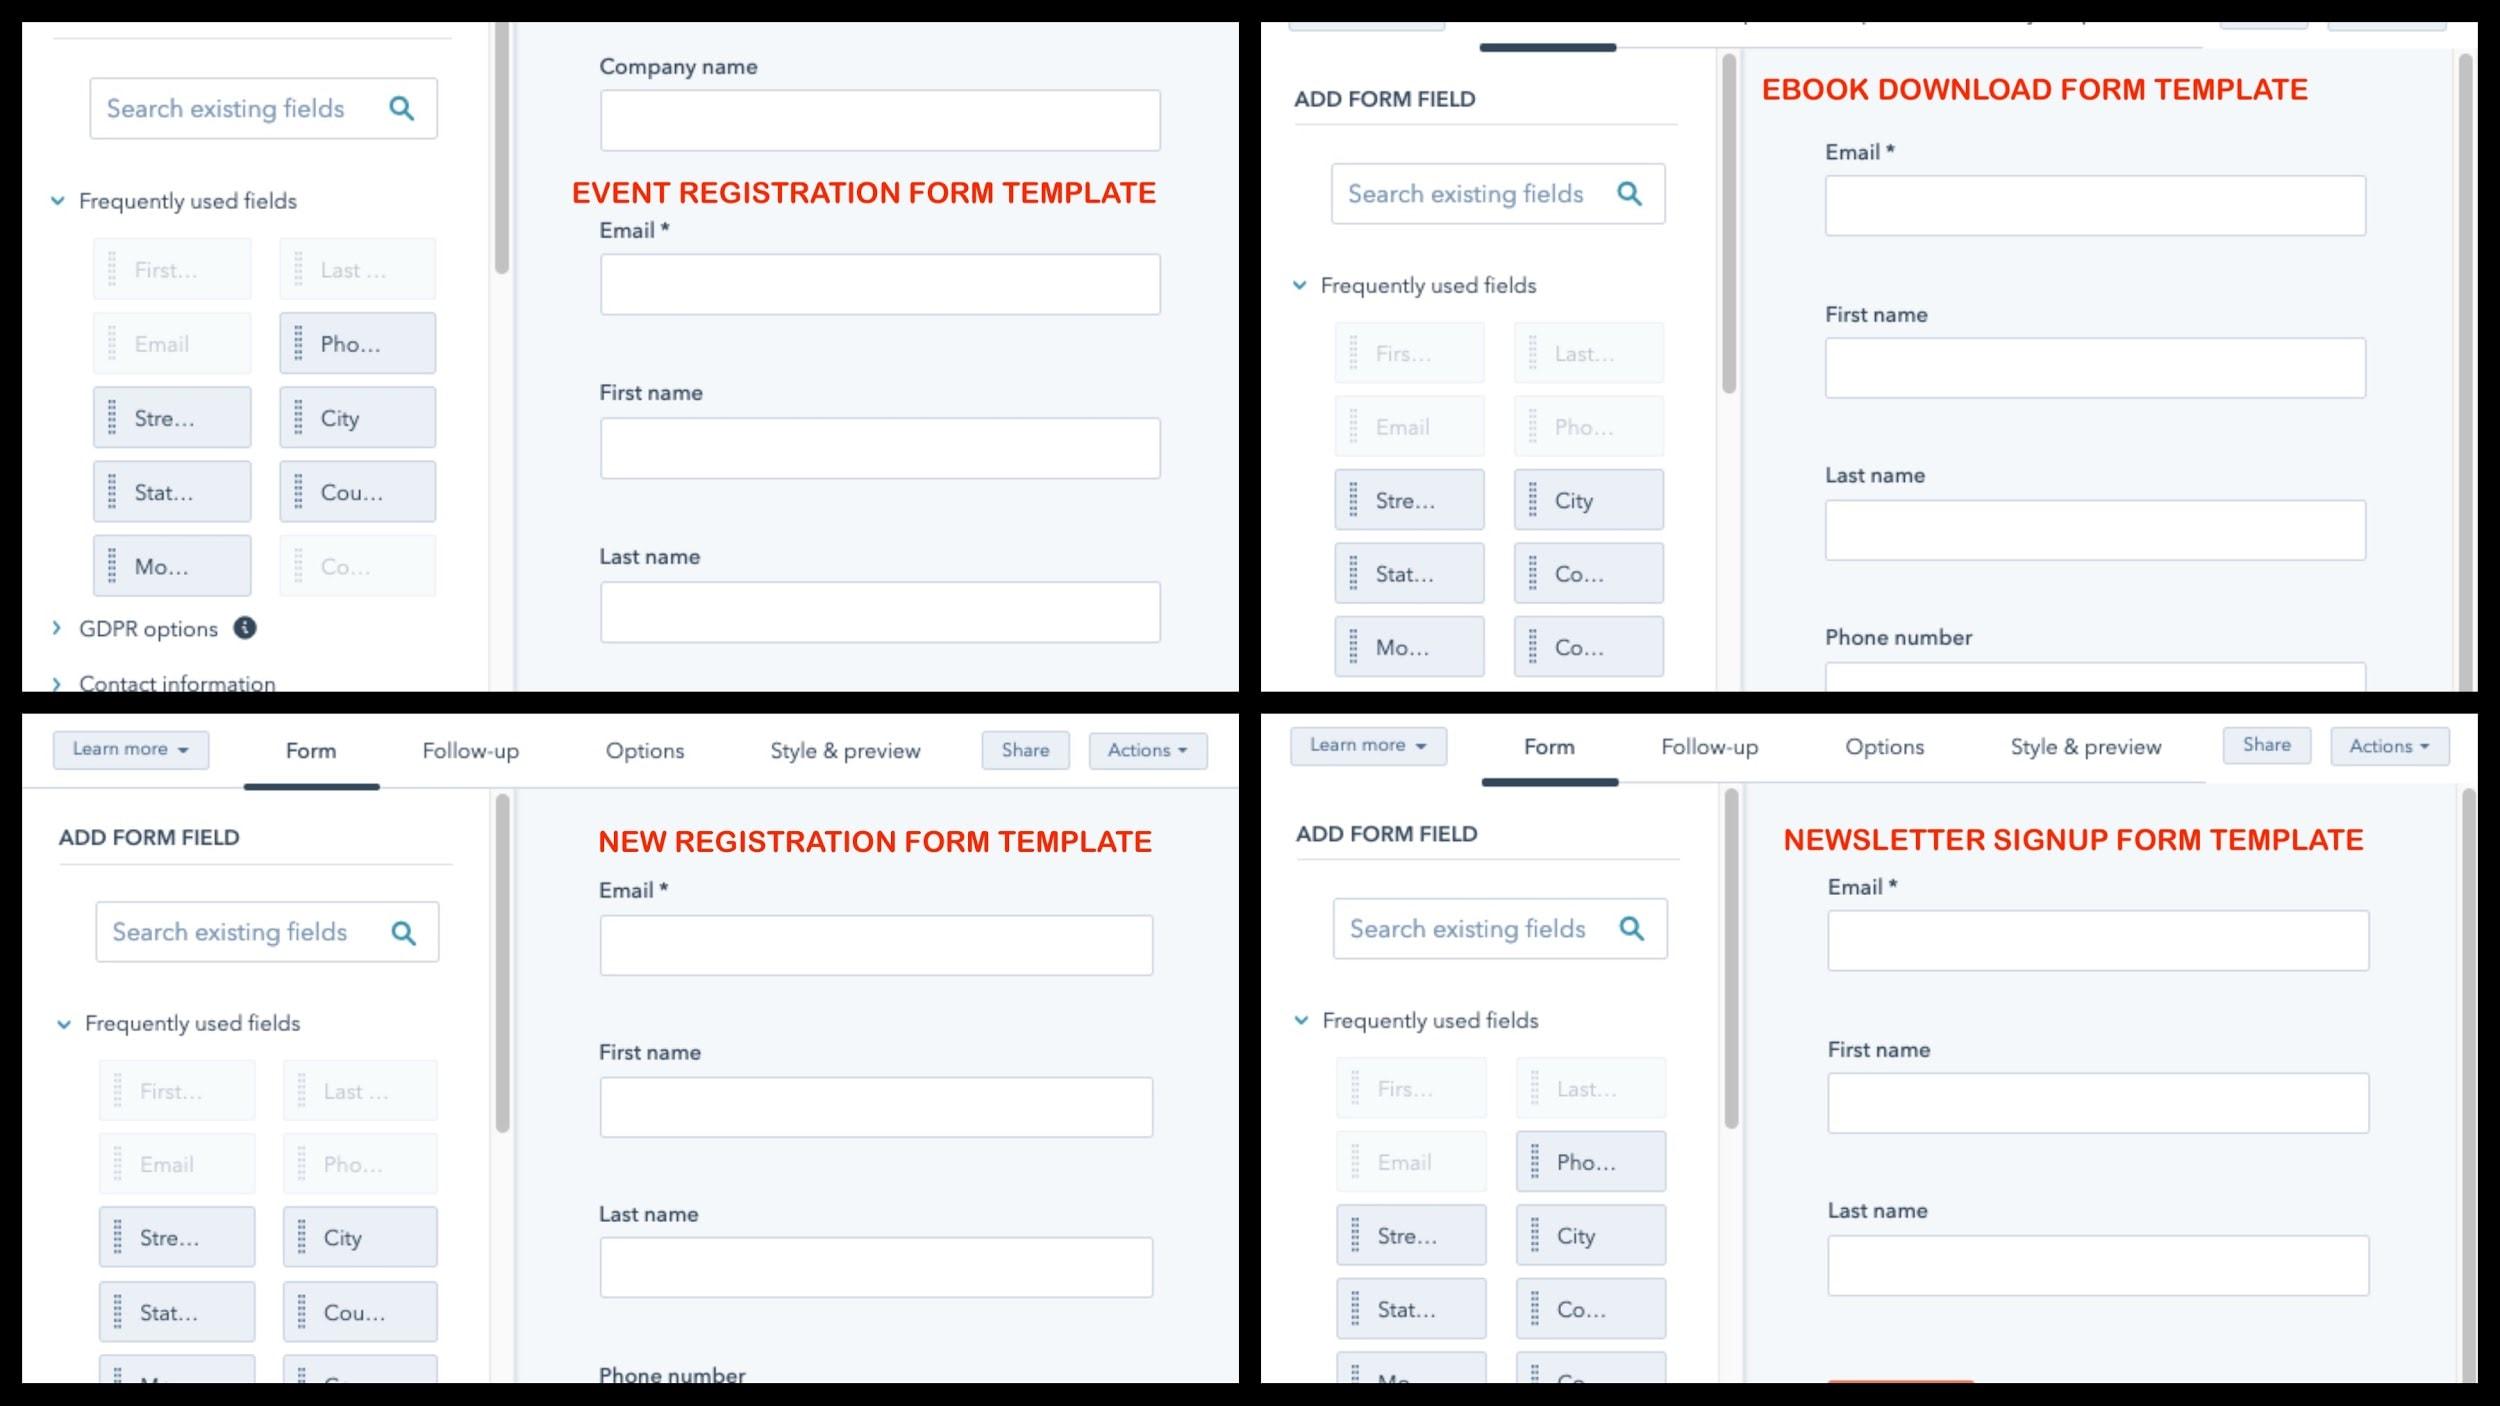 HubSpot Form Builder screenshot - Templates